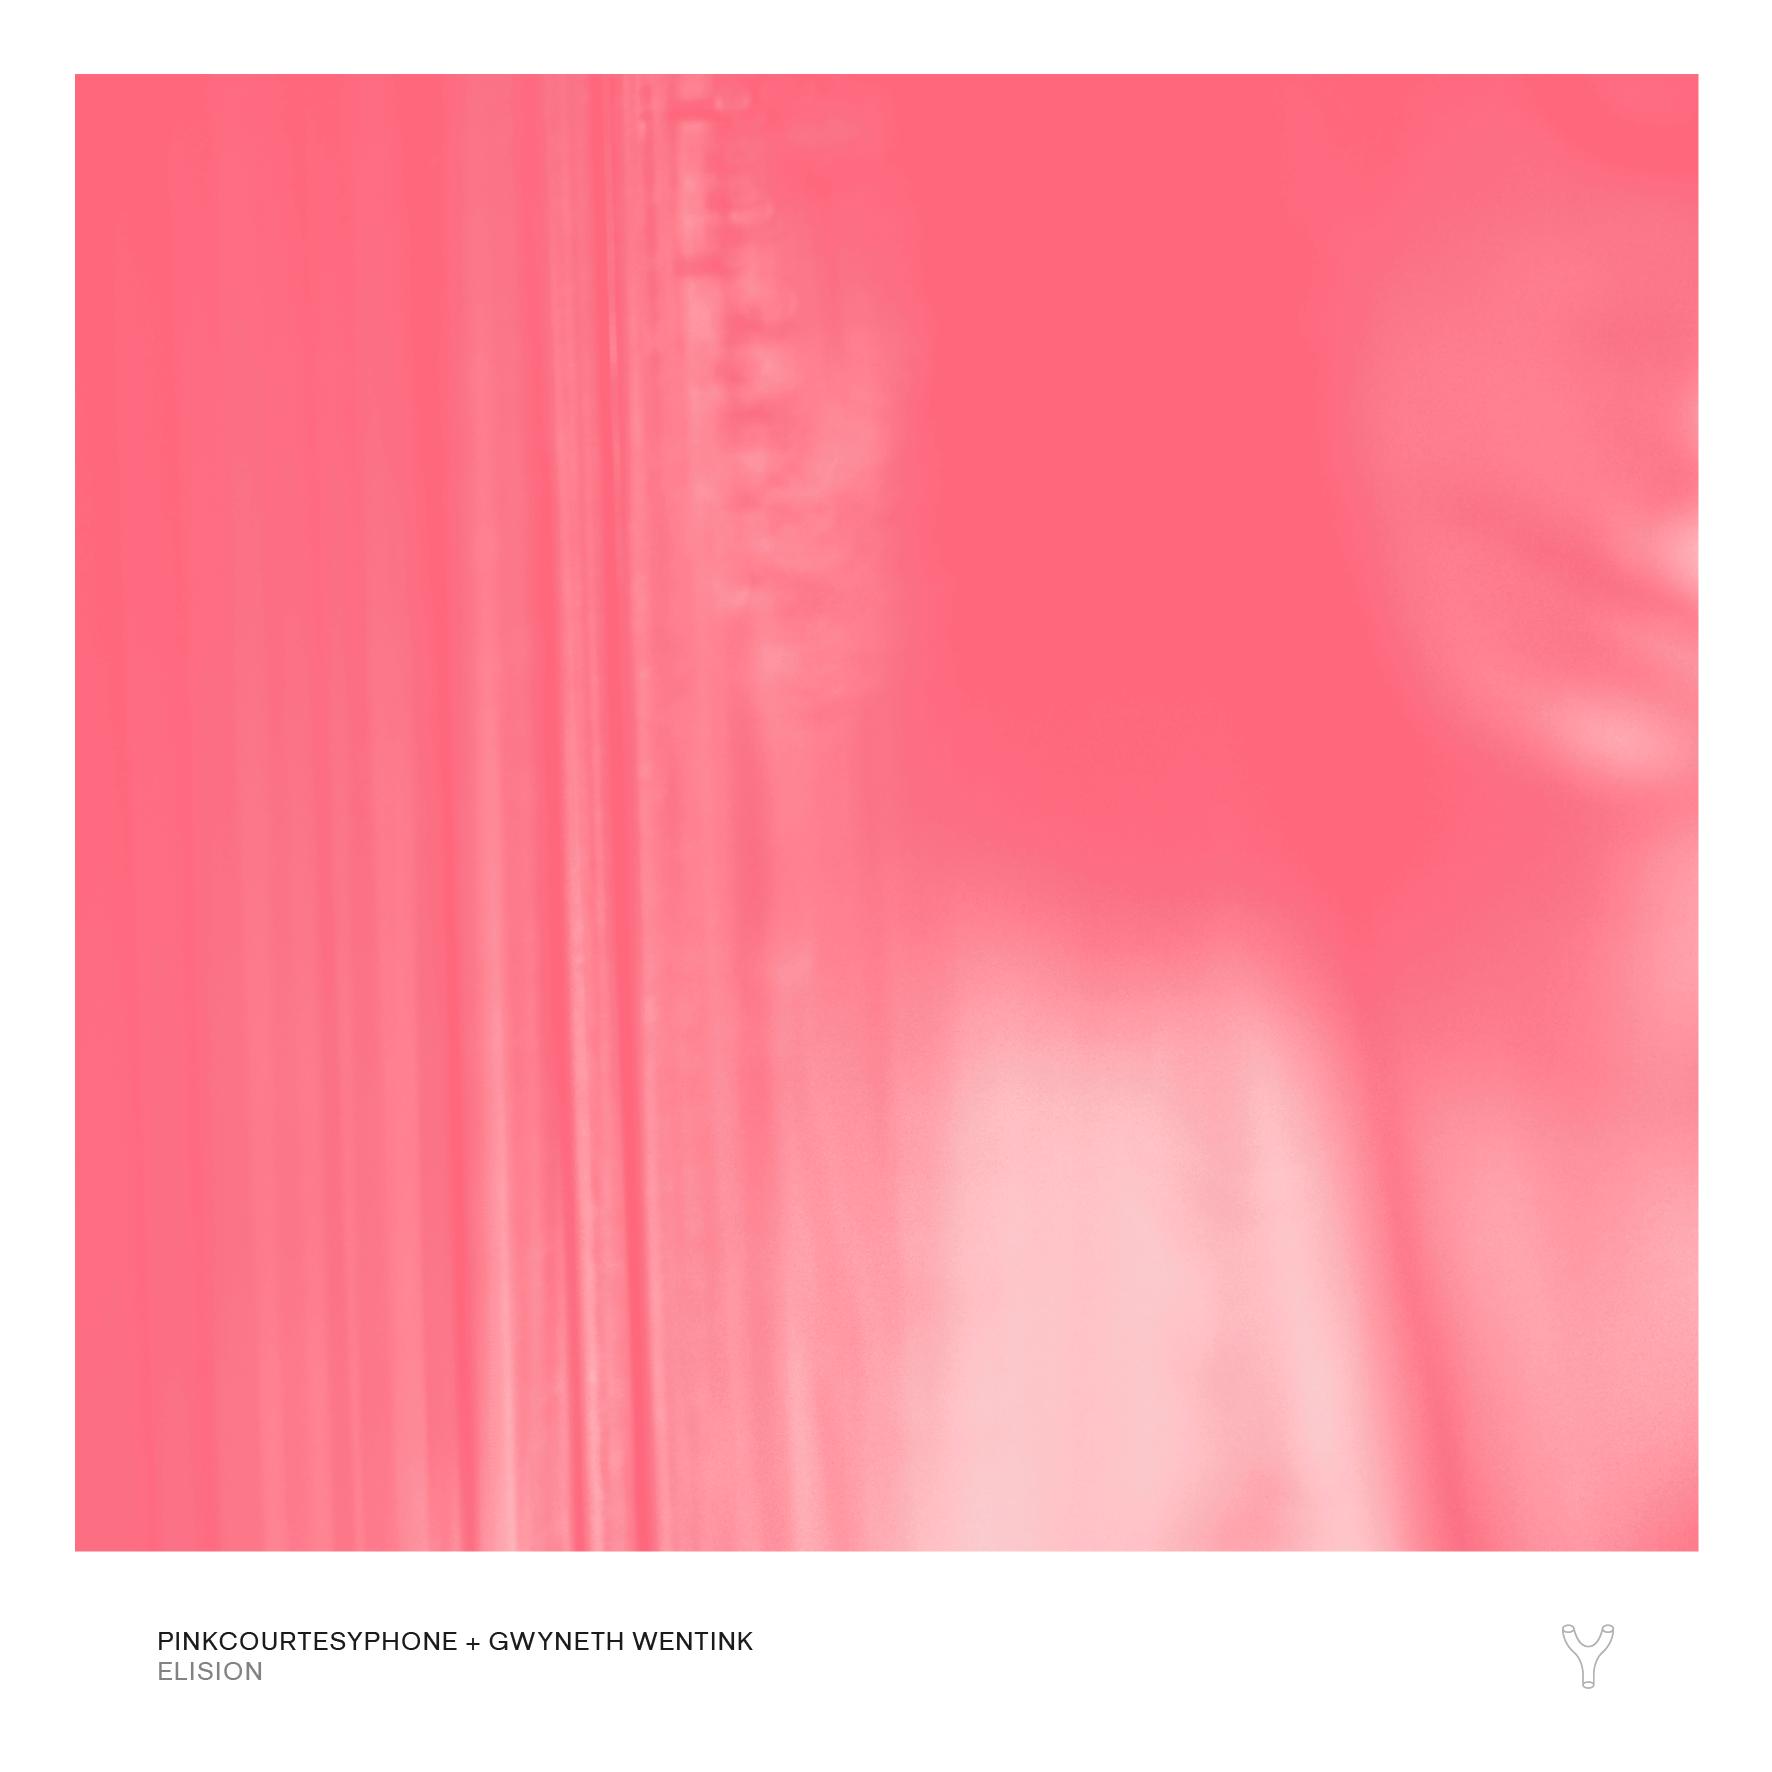 Pinkcourtesyphone + Gwyneth Wentink — Elision